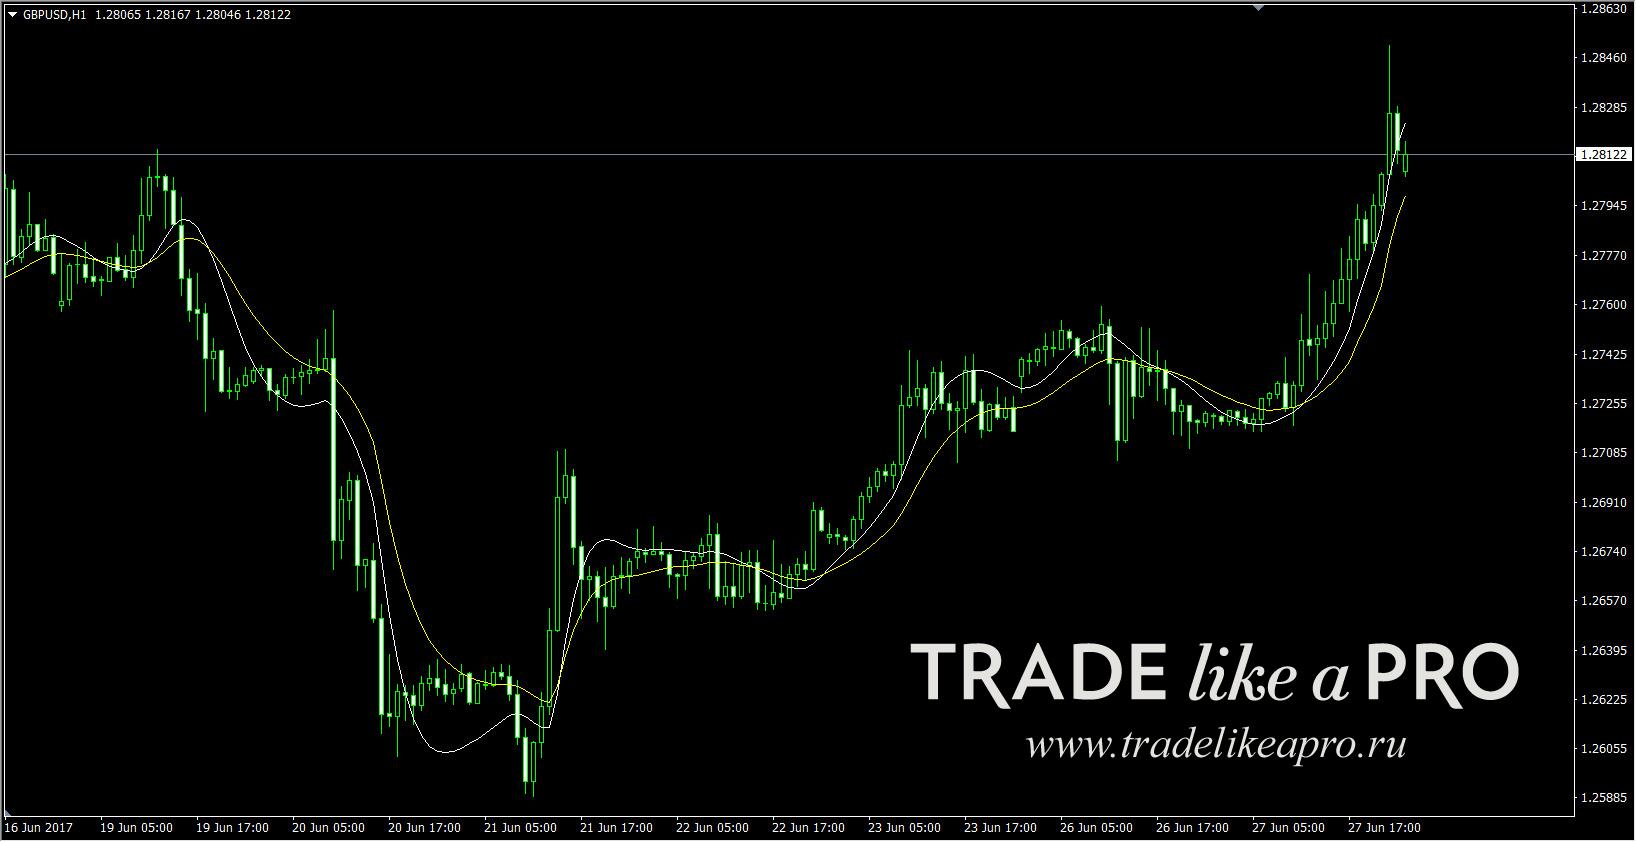 Параметры форекс индикатора jma тюмень forex курсы валют прогнозы